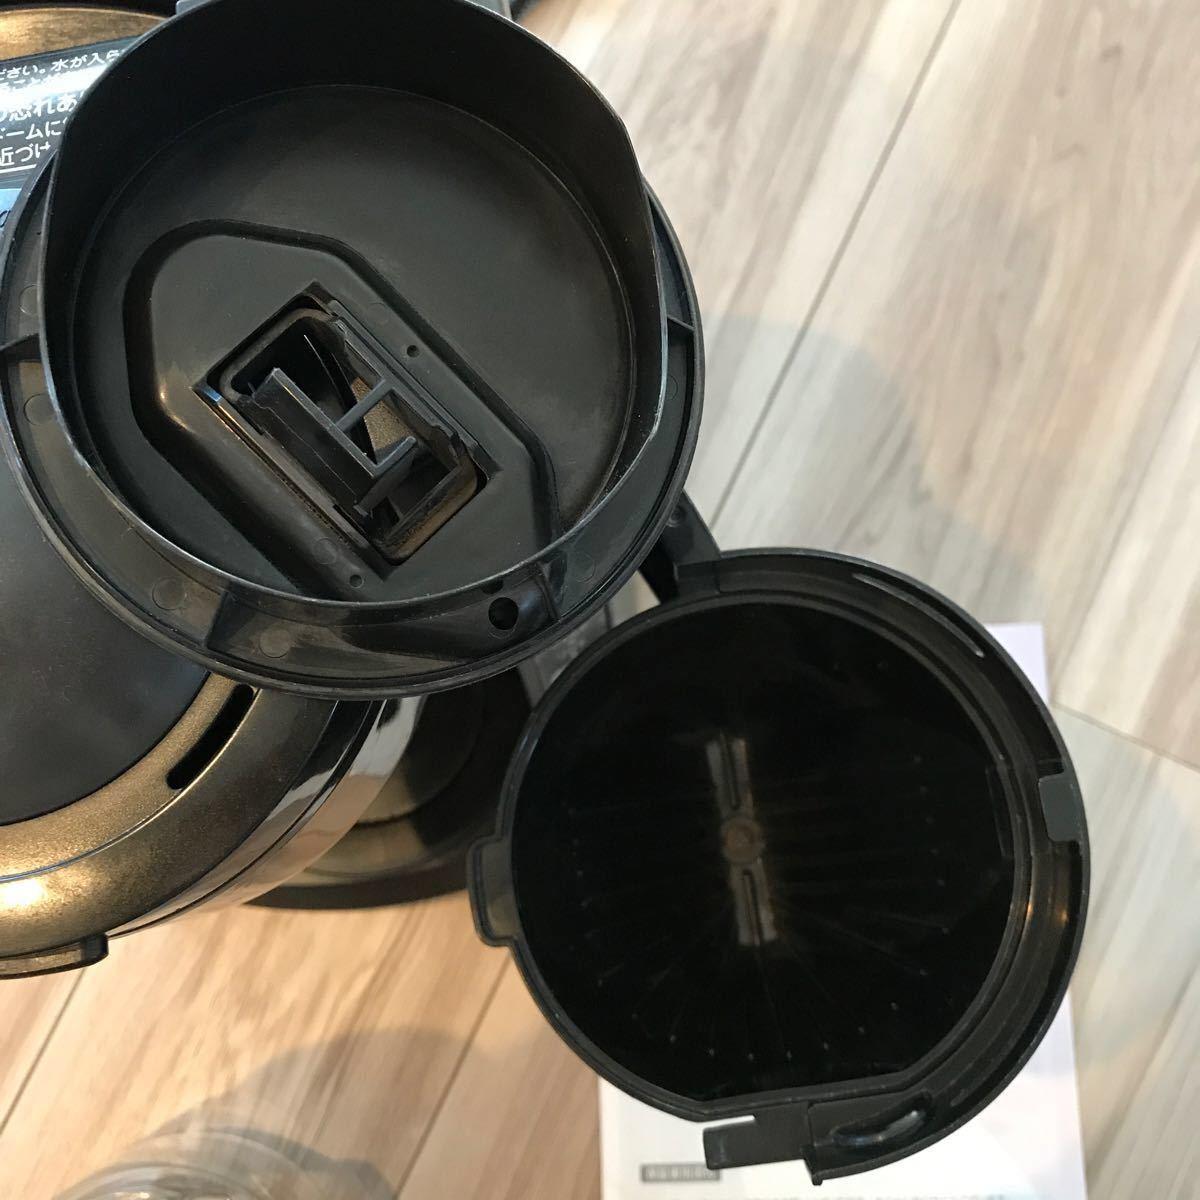 全自動 コーヒーメーカー Panasonic NC-A55P